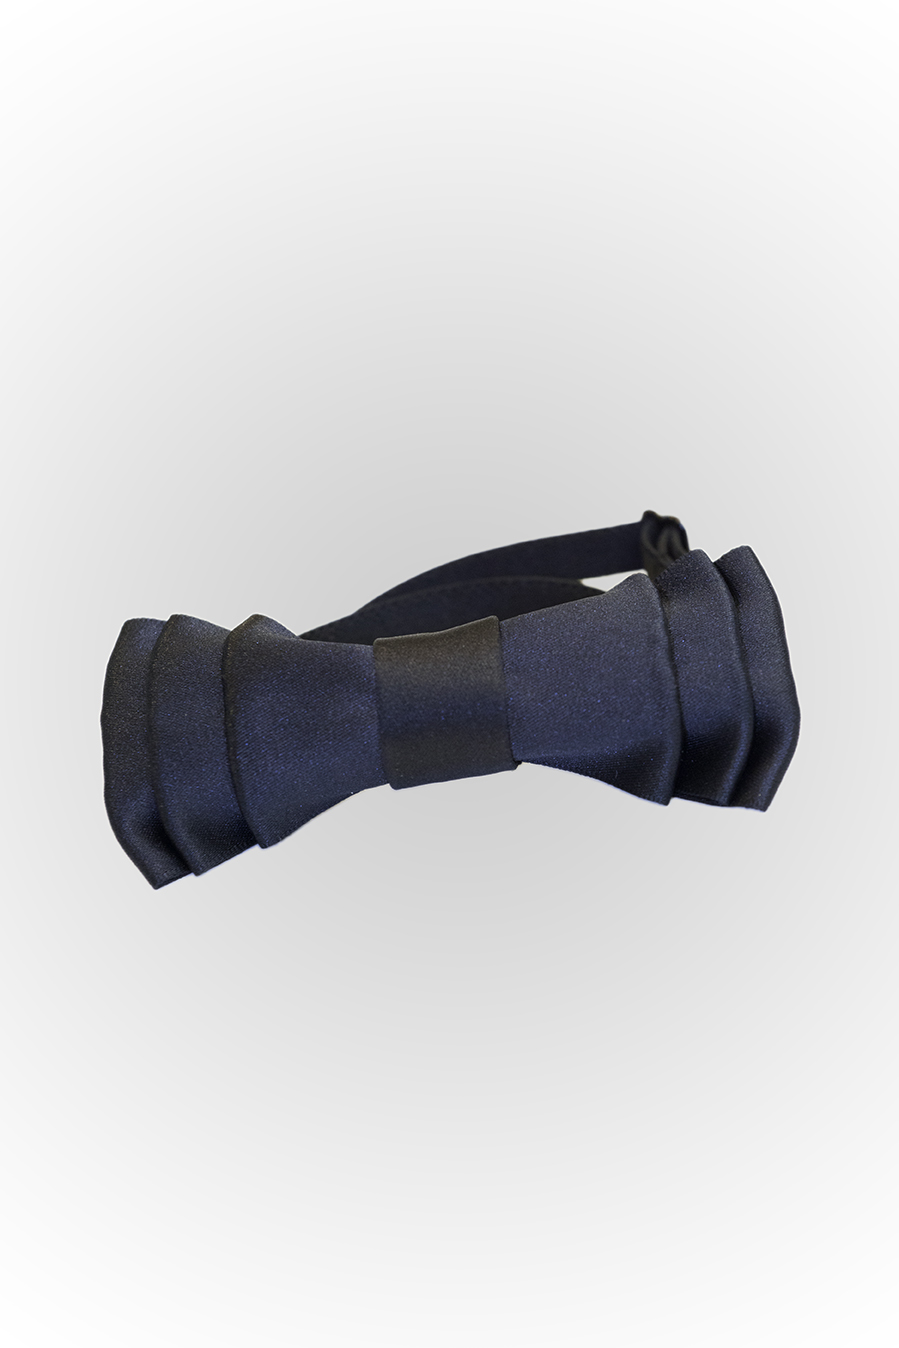 Bow Tie 1433 BLK